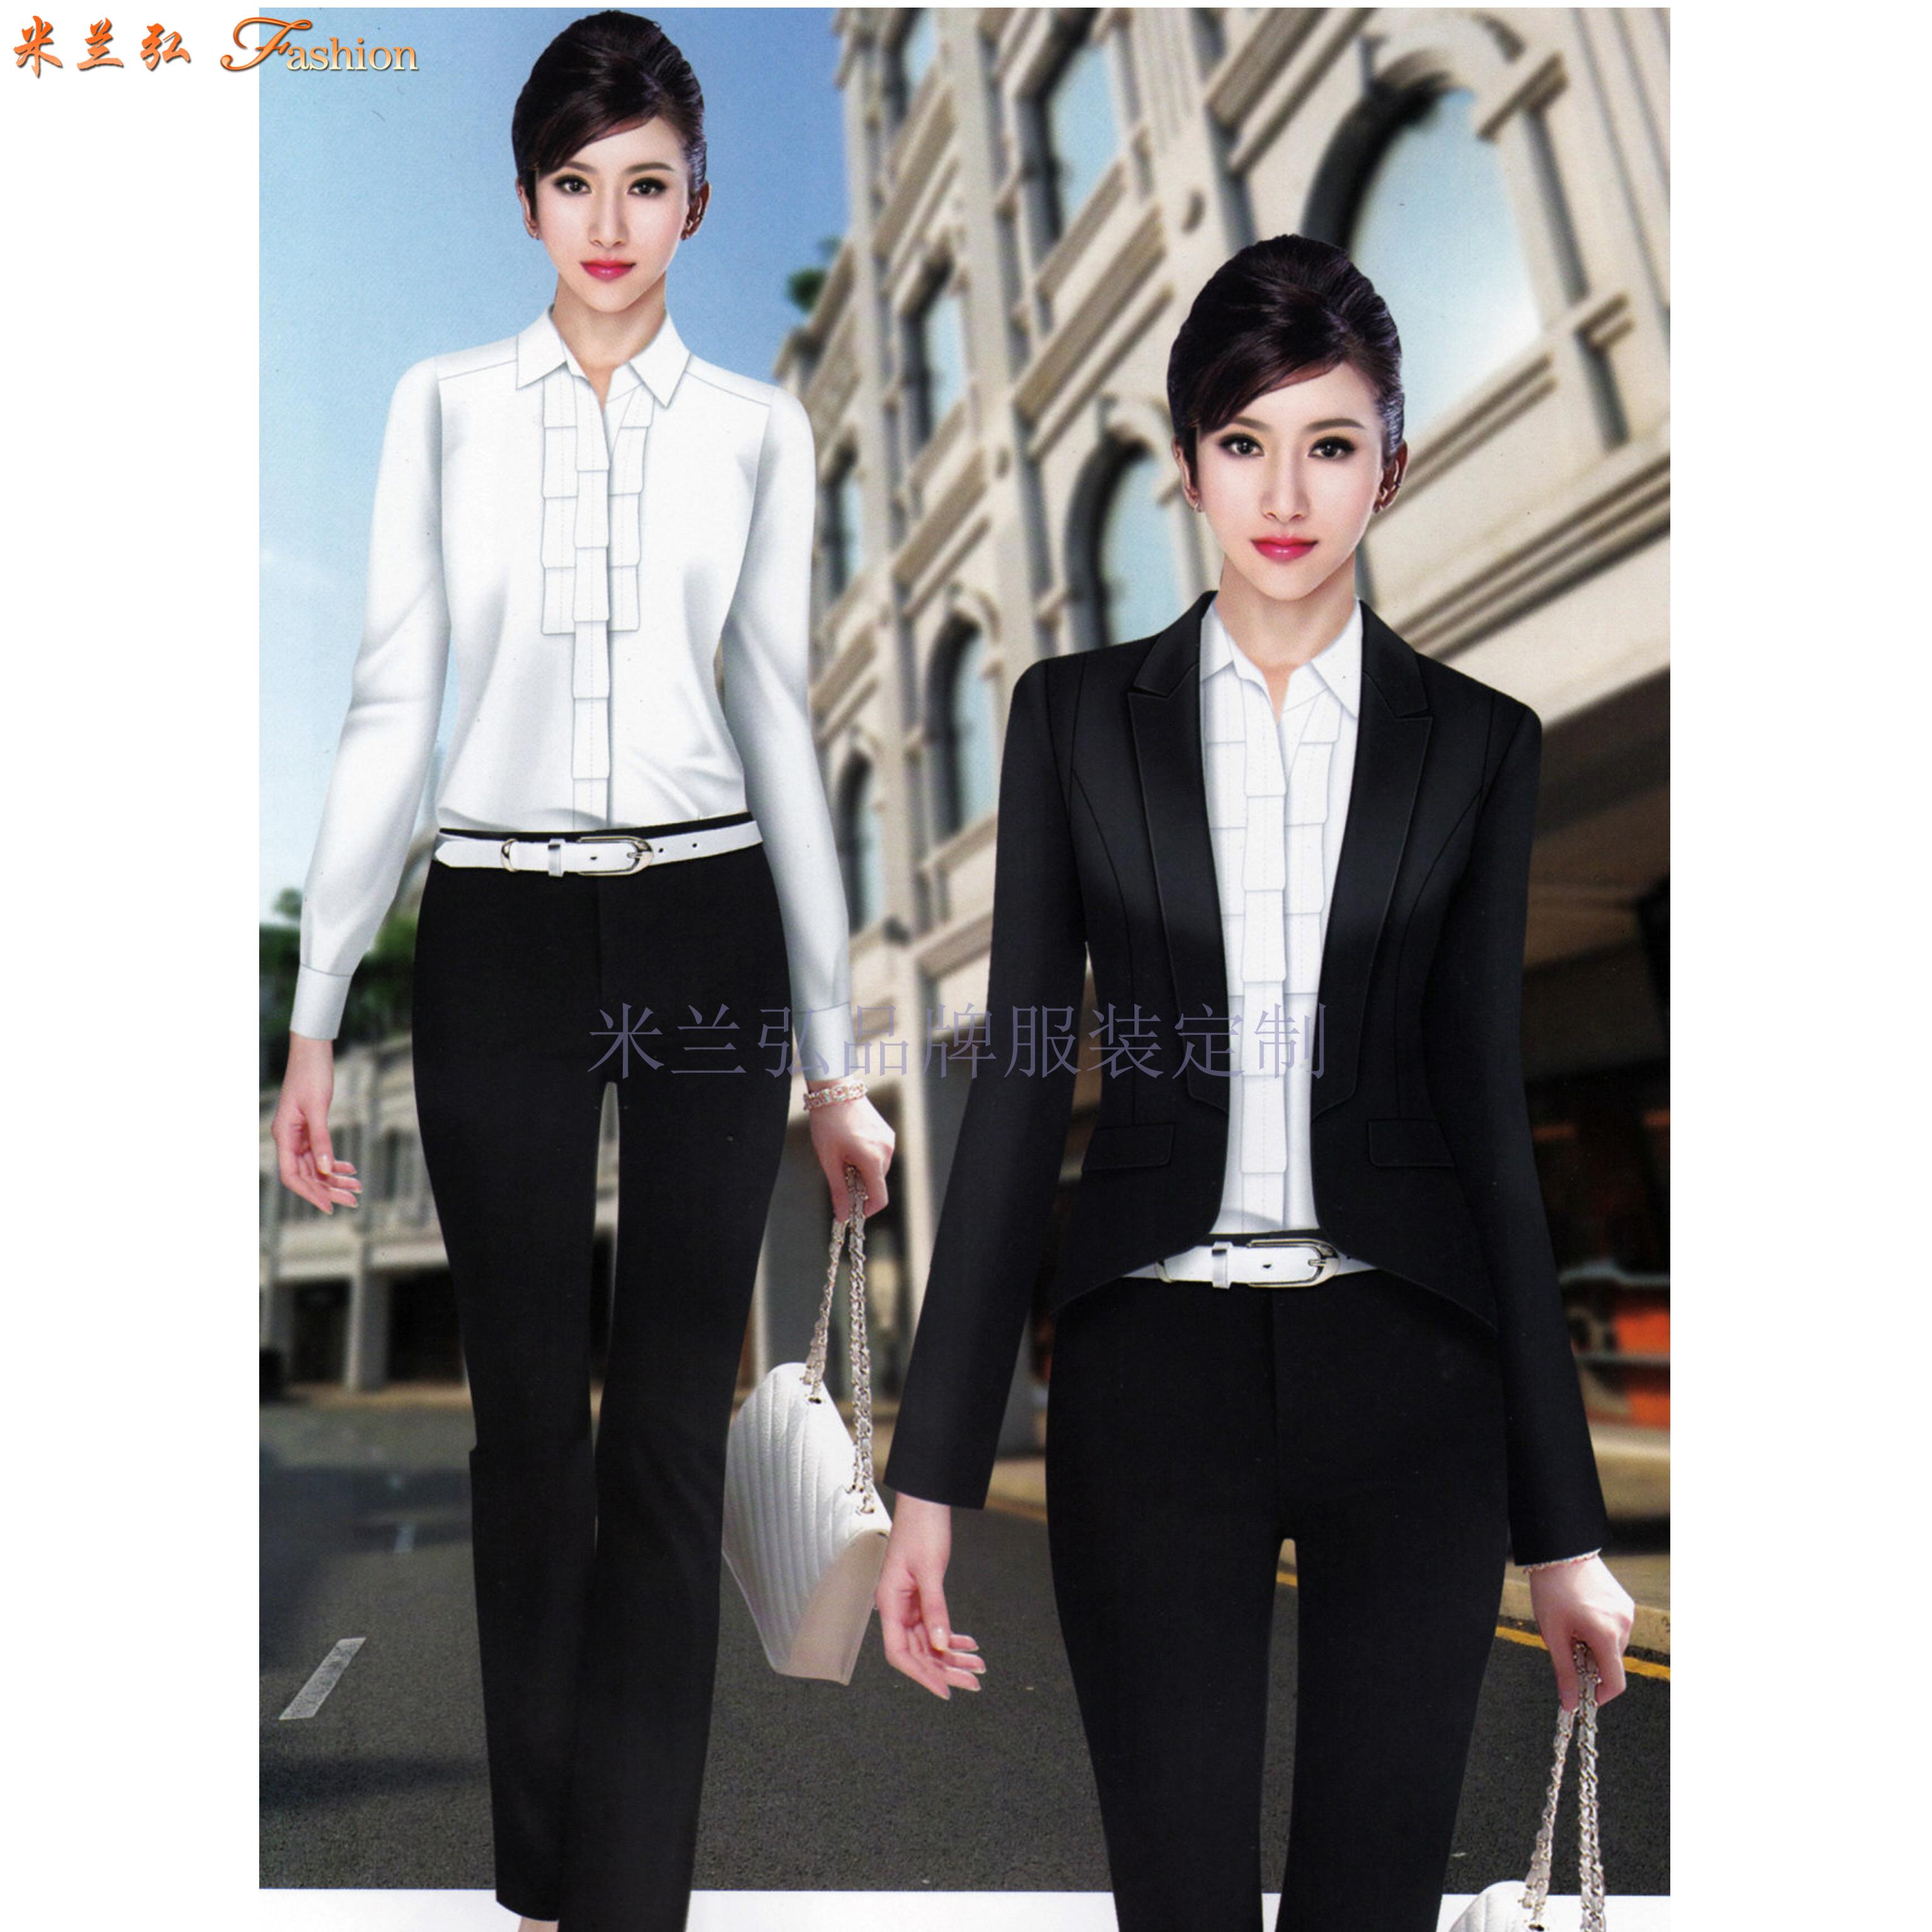 北京高端职业装定制品牌-米兰弘公司设计制作职业装新款女装图片-3